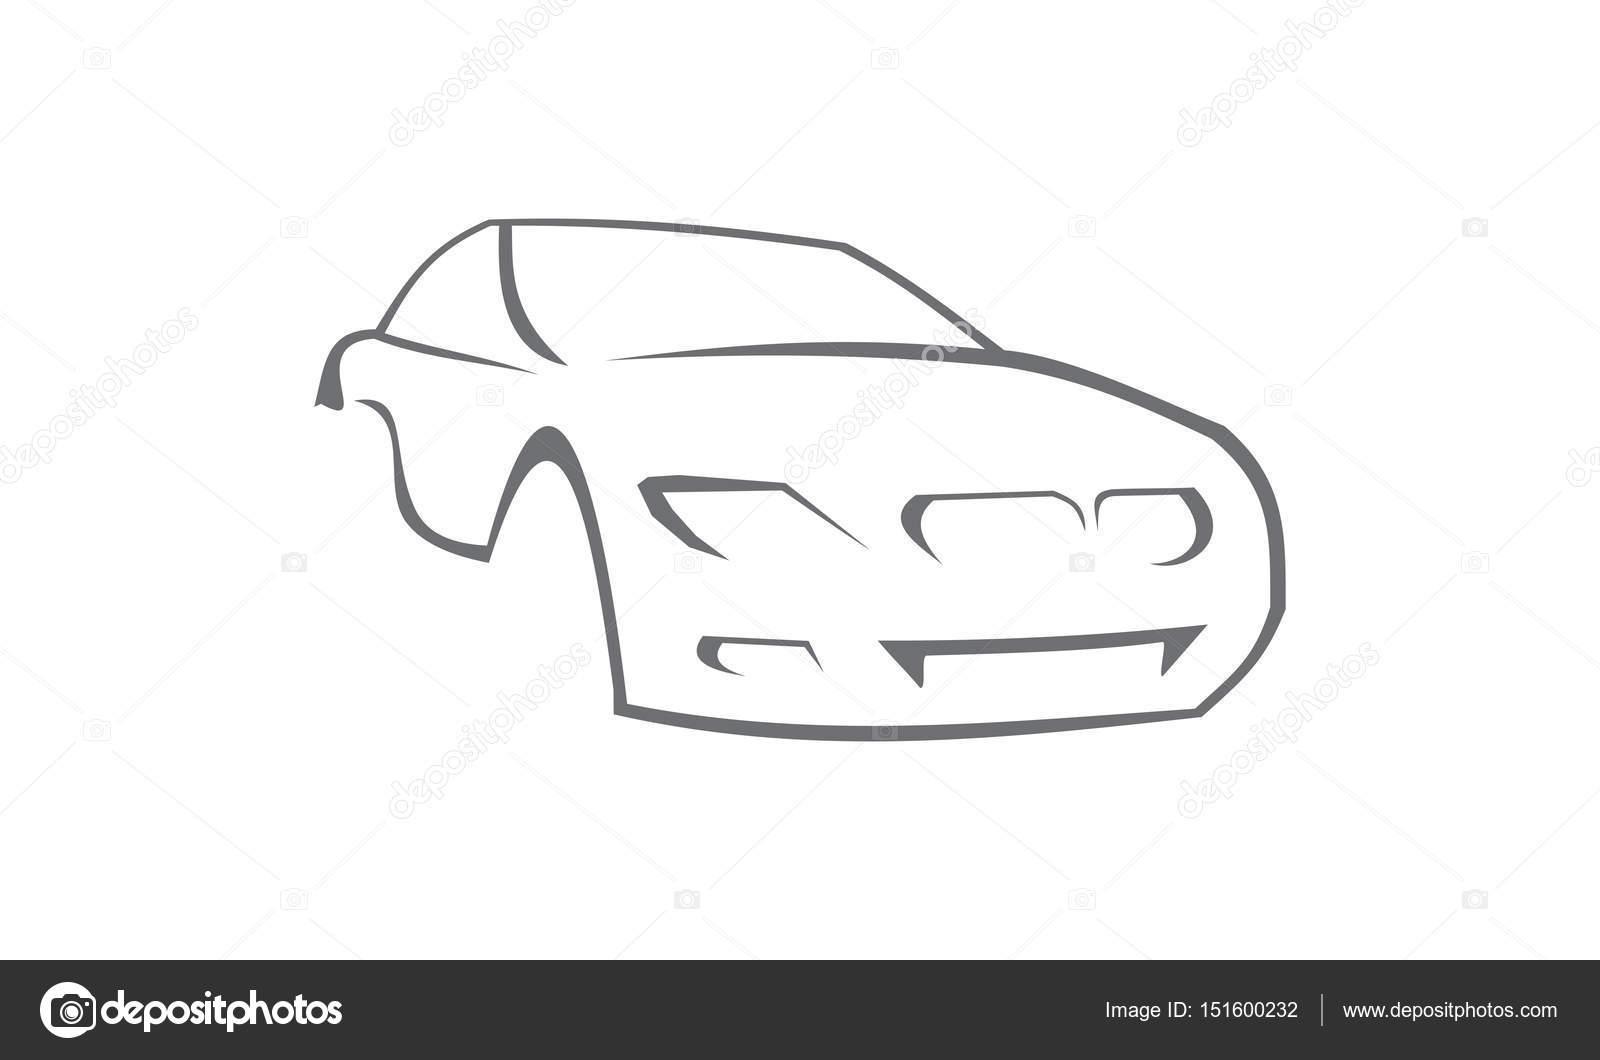 Plantilla de logotipo de coche — Foto de stock © alluranet #151600232